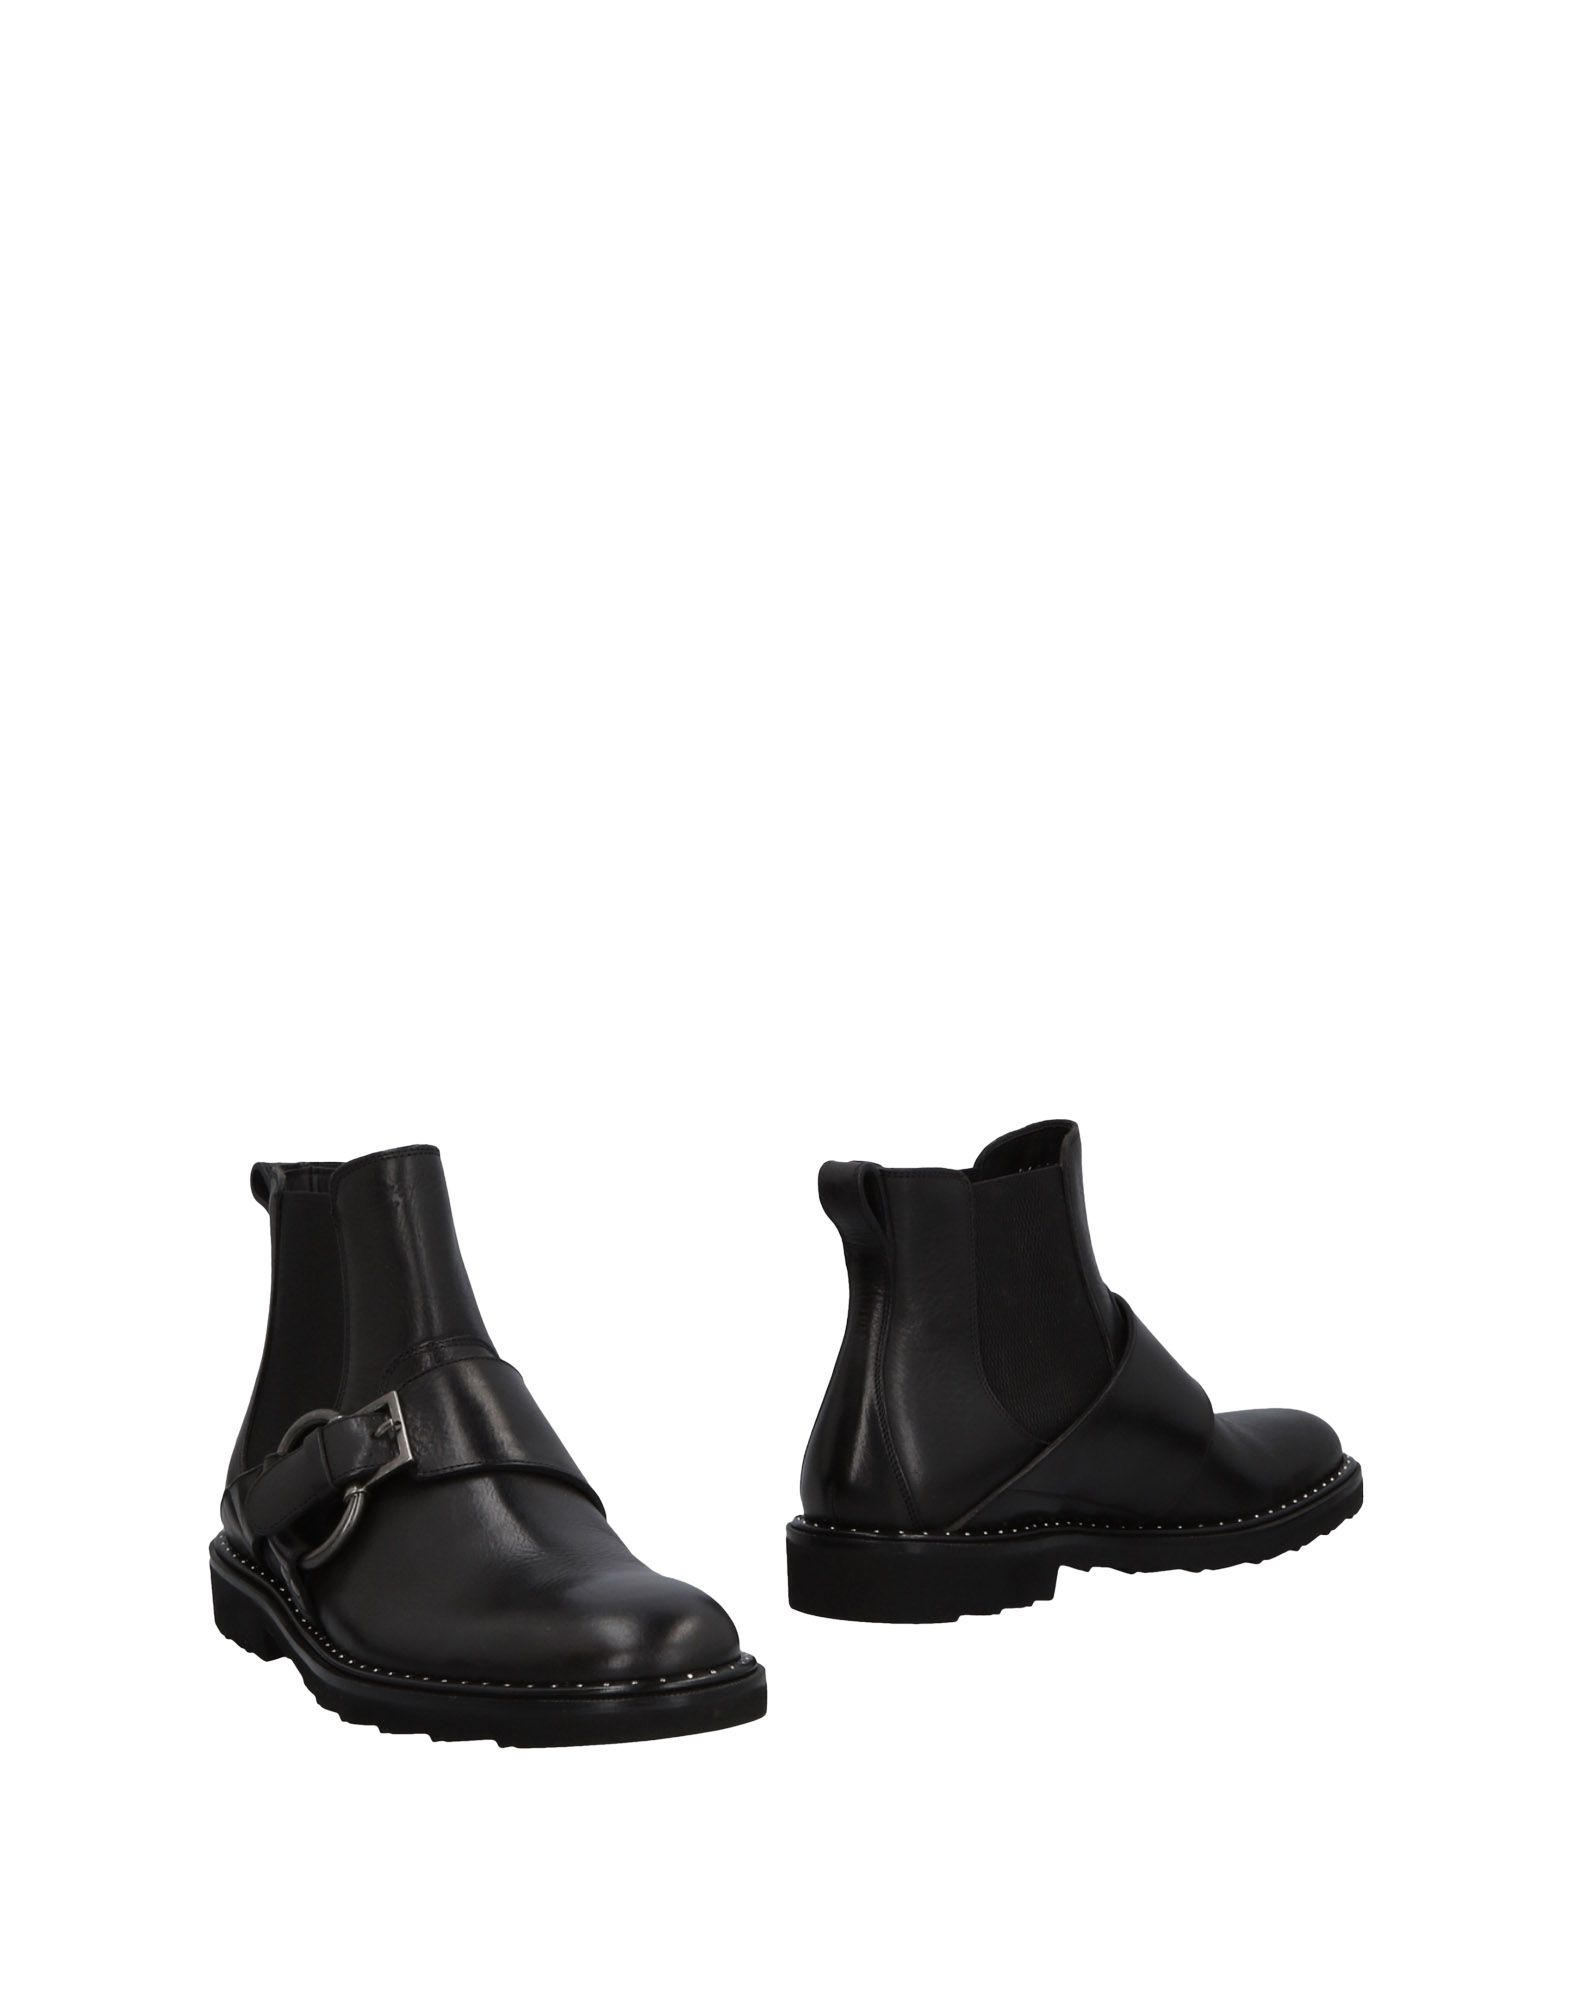 Dolce & Gabbana Stiefelette Herren  11464687BN Gute Qualität beliebte Schuhe